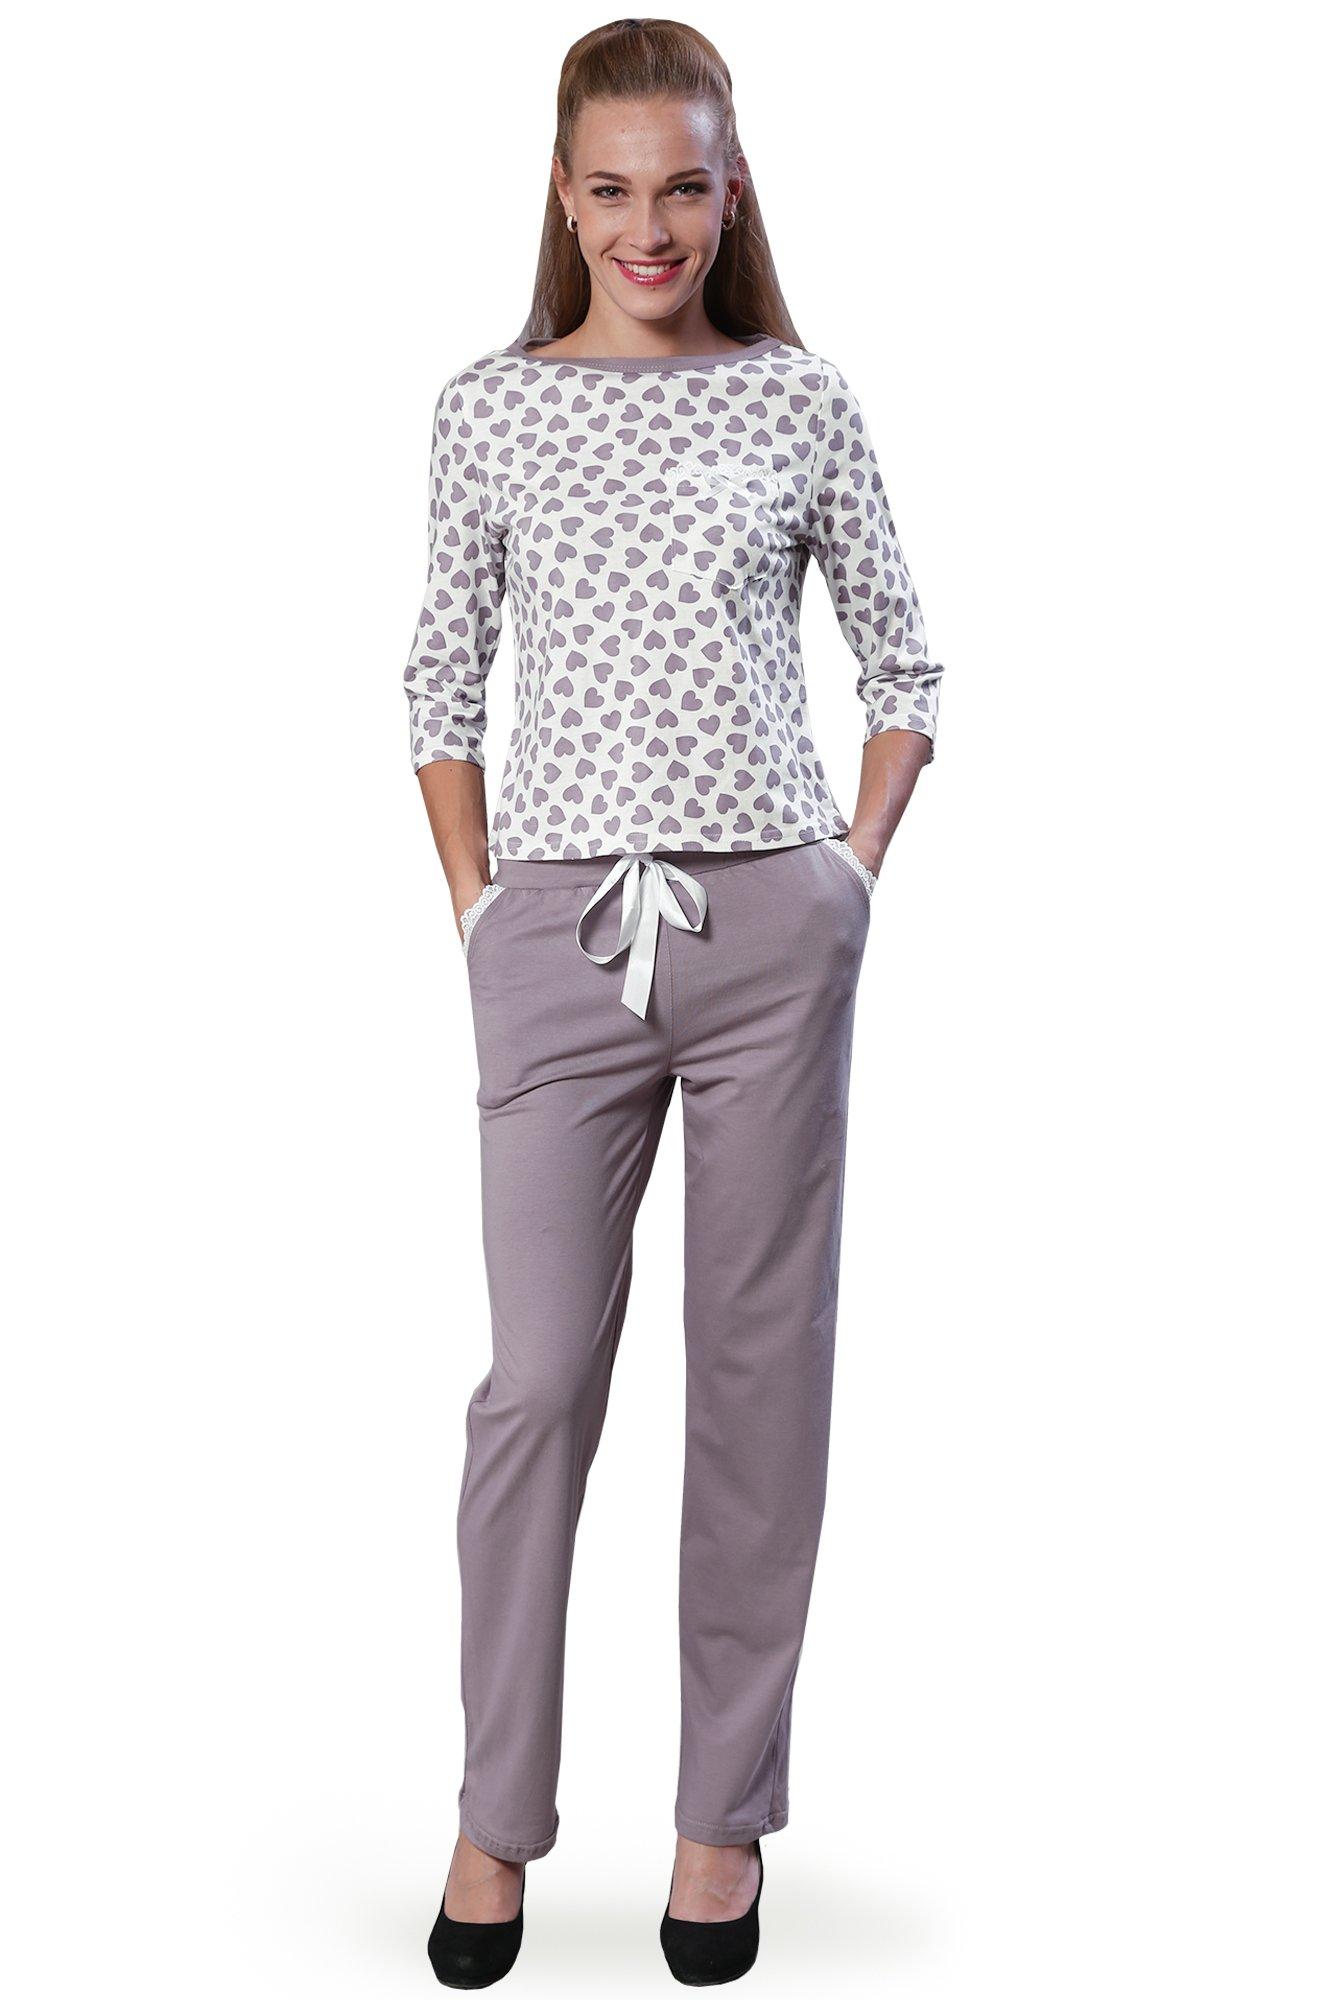 Пижама Margo купить оптом в интернет-магазине Happywear.ru 73eb3dacd405f